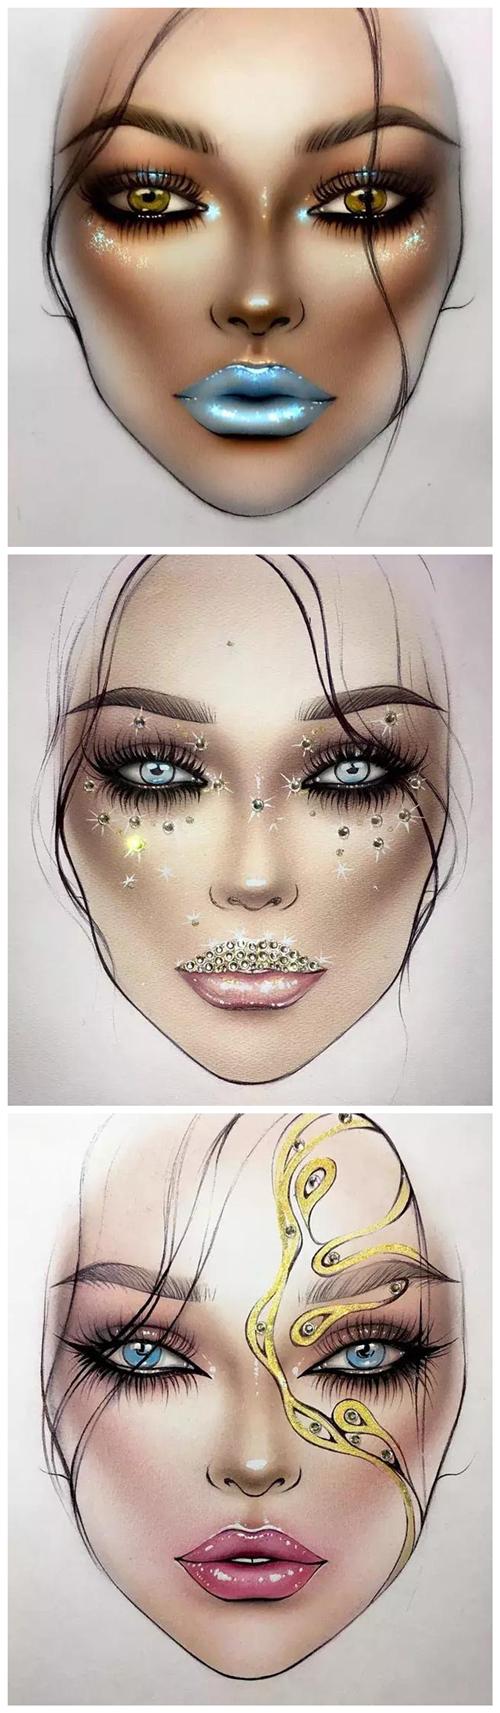 创意妆面作品-设计感超强